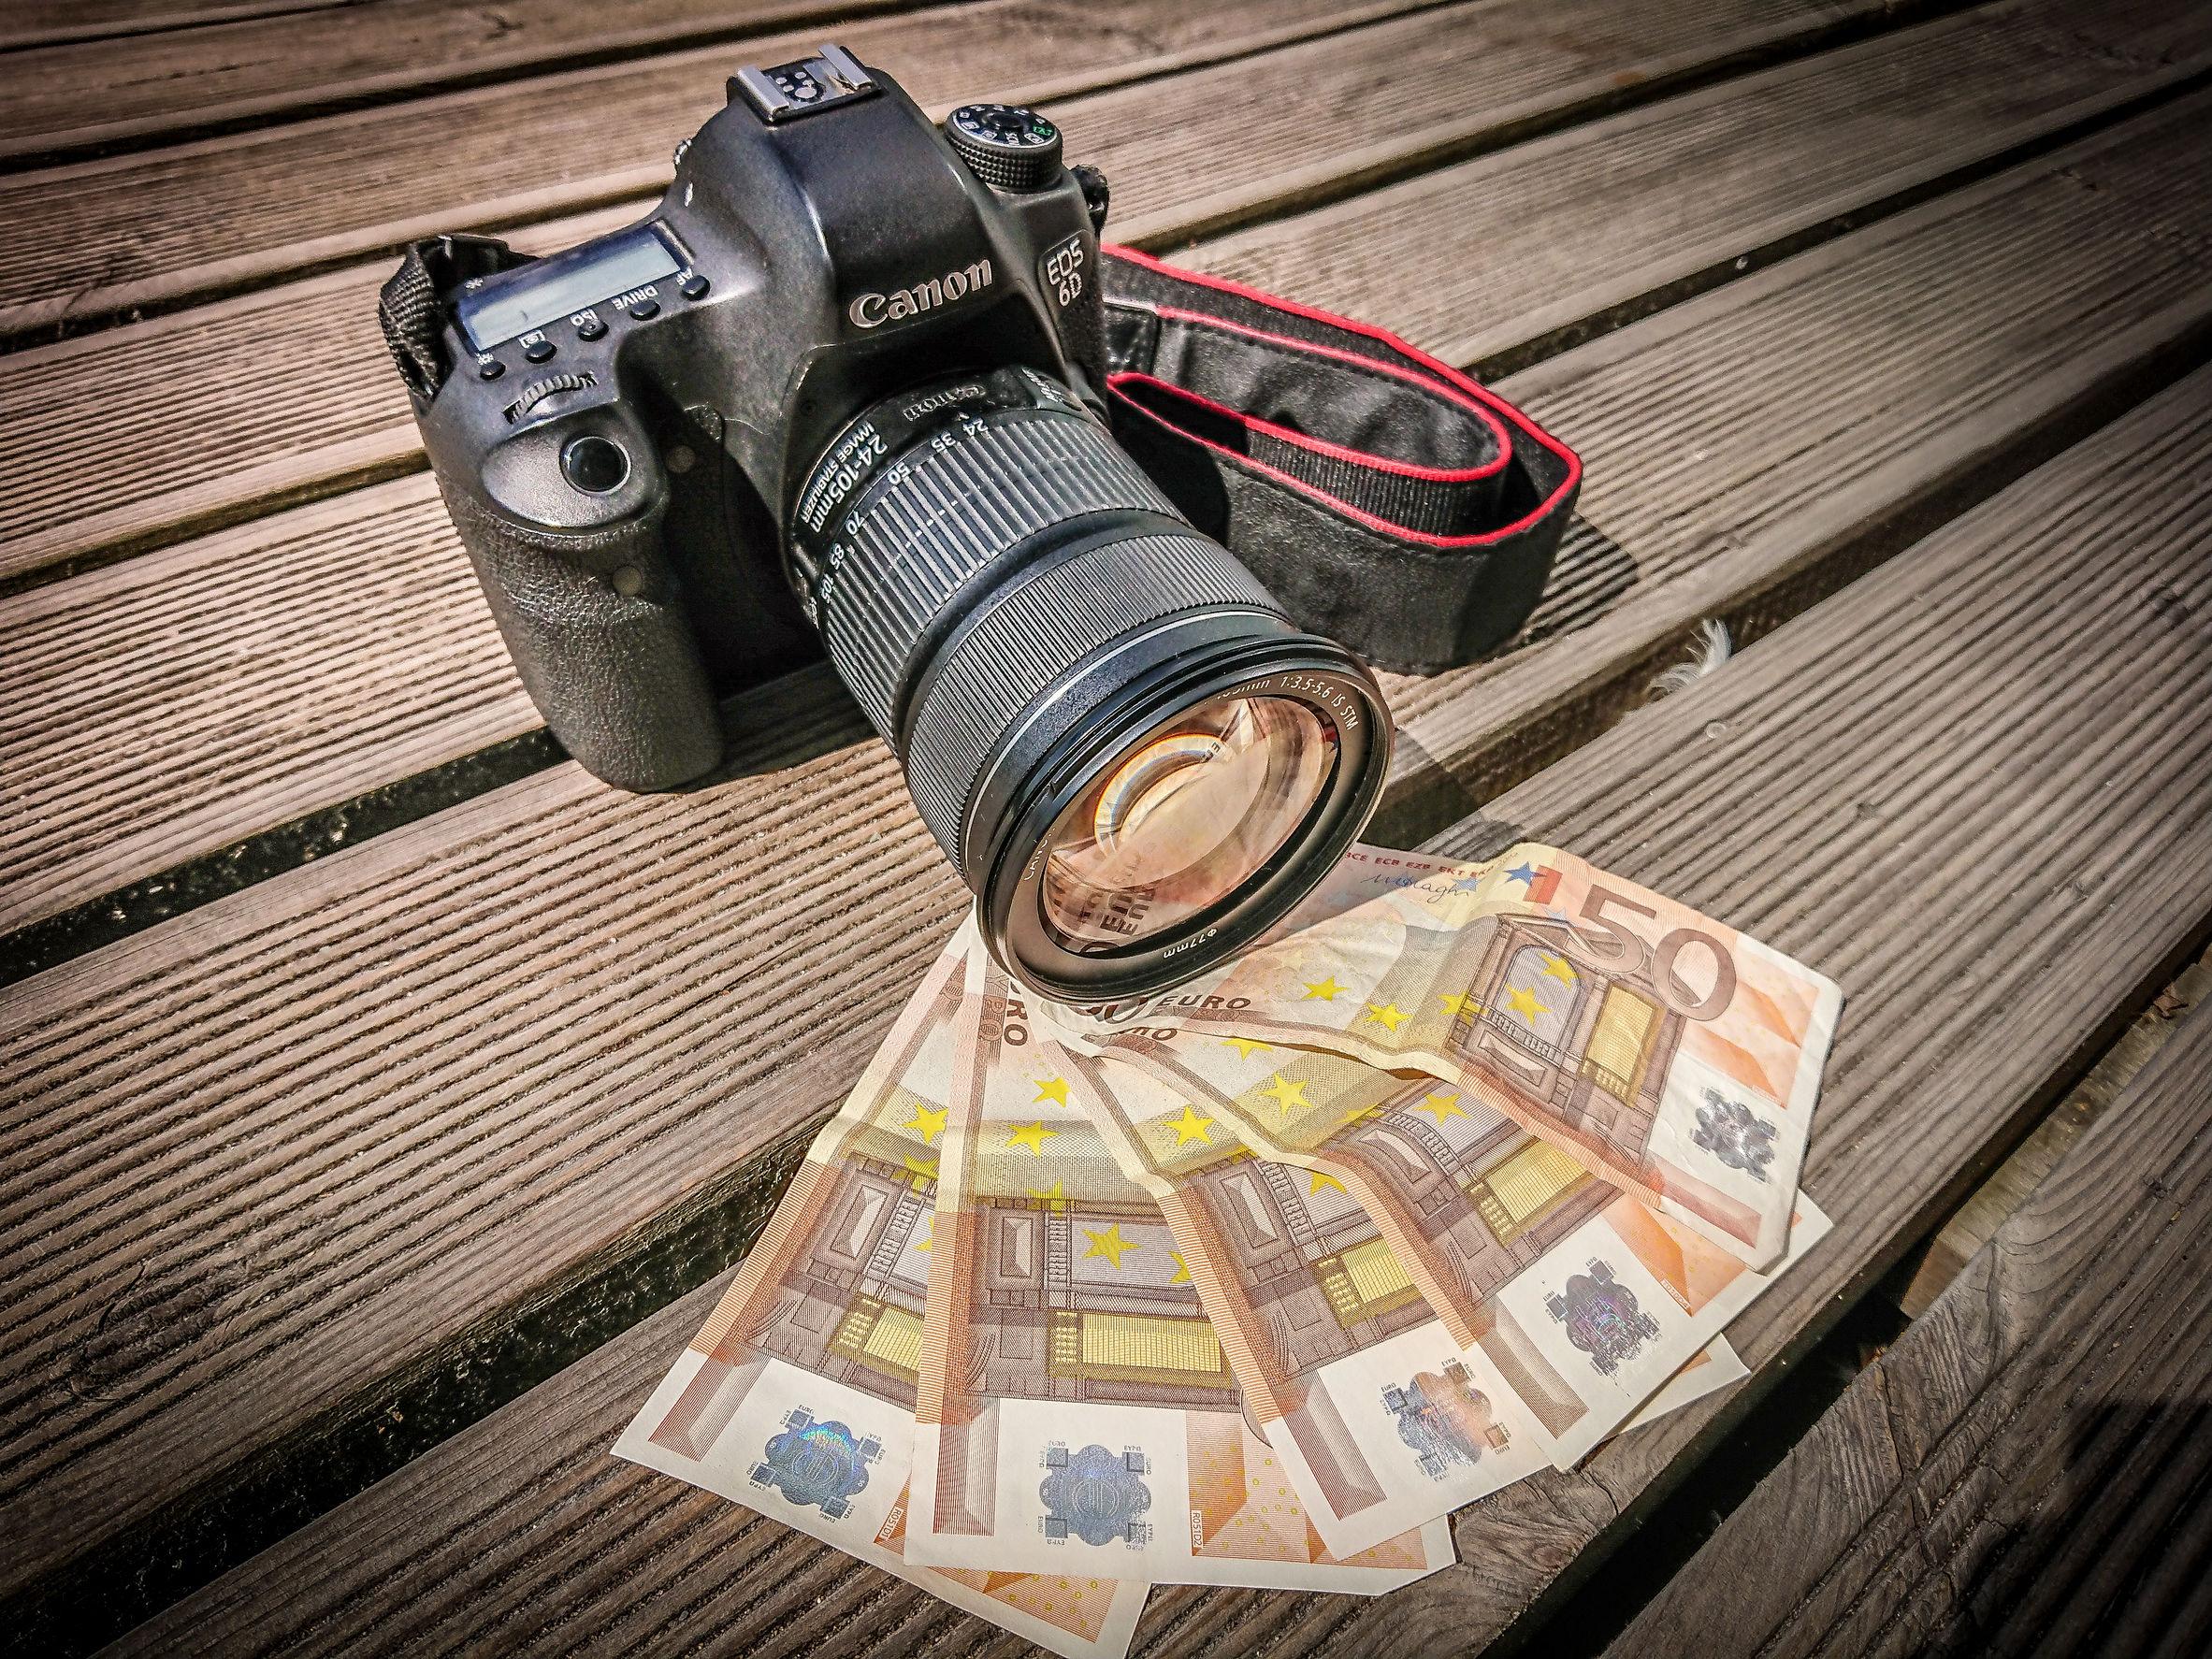 Miglior macchina fotografica Canon 2021: Guida all'acquisto